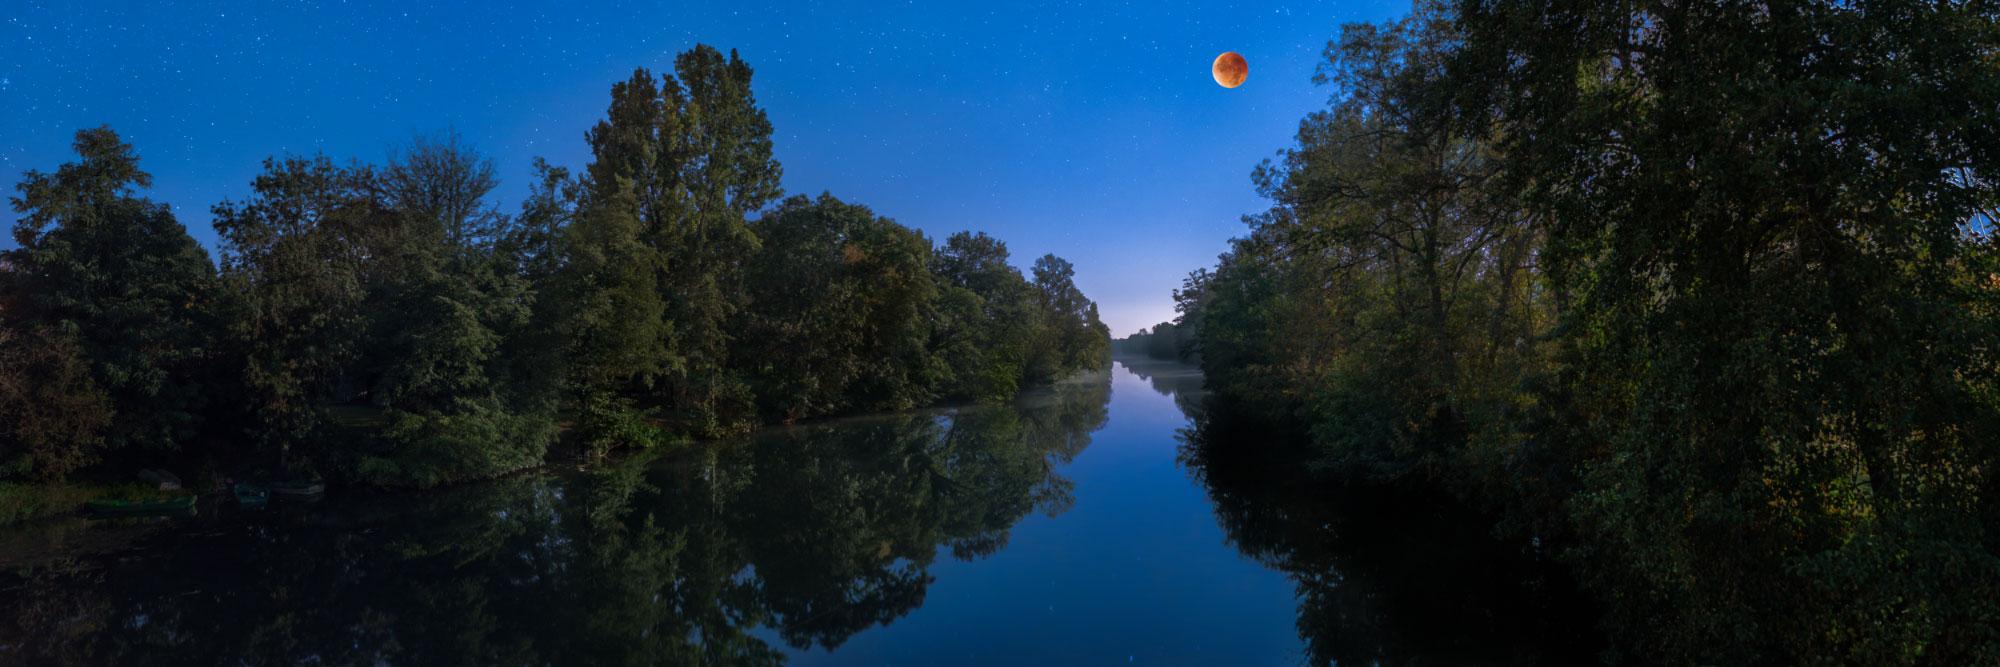 Eclipse totale de lune au dessus de la Dronne, La Barde